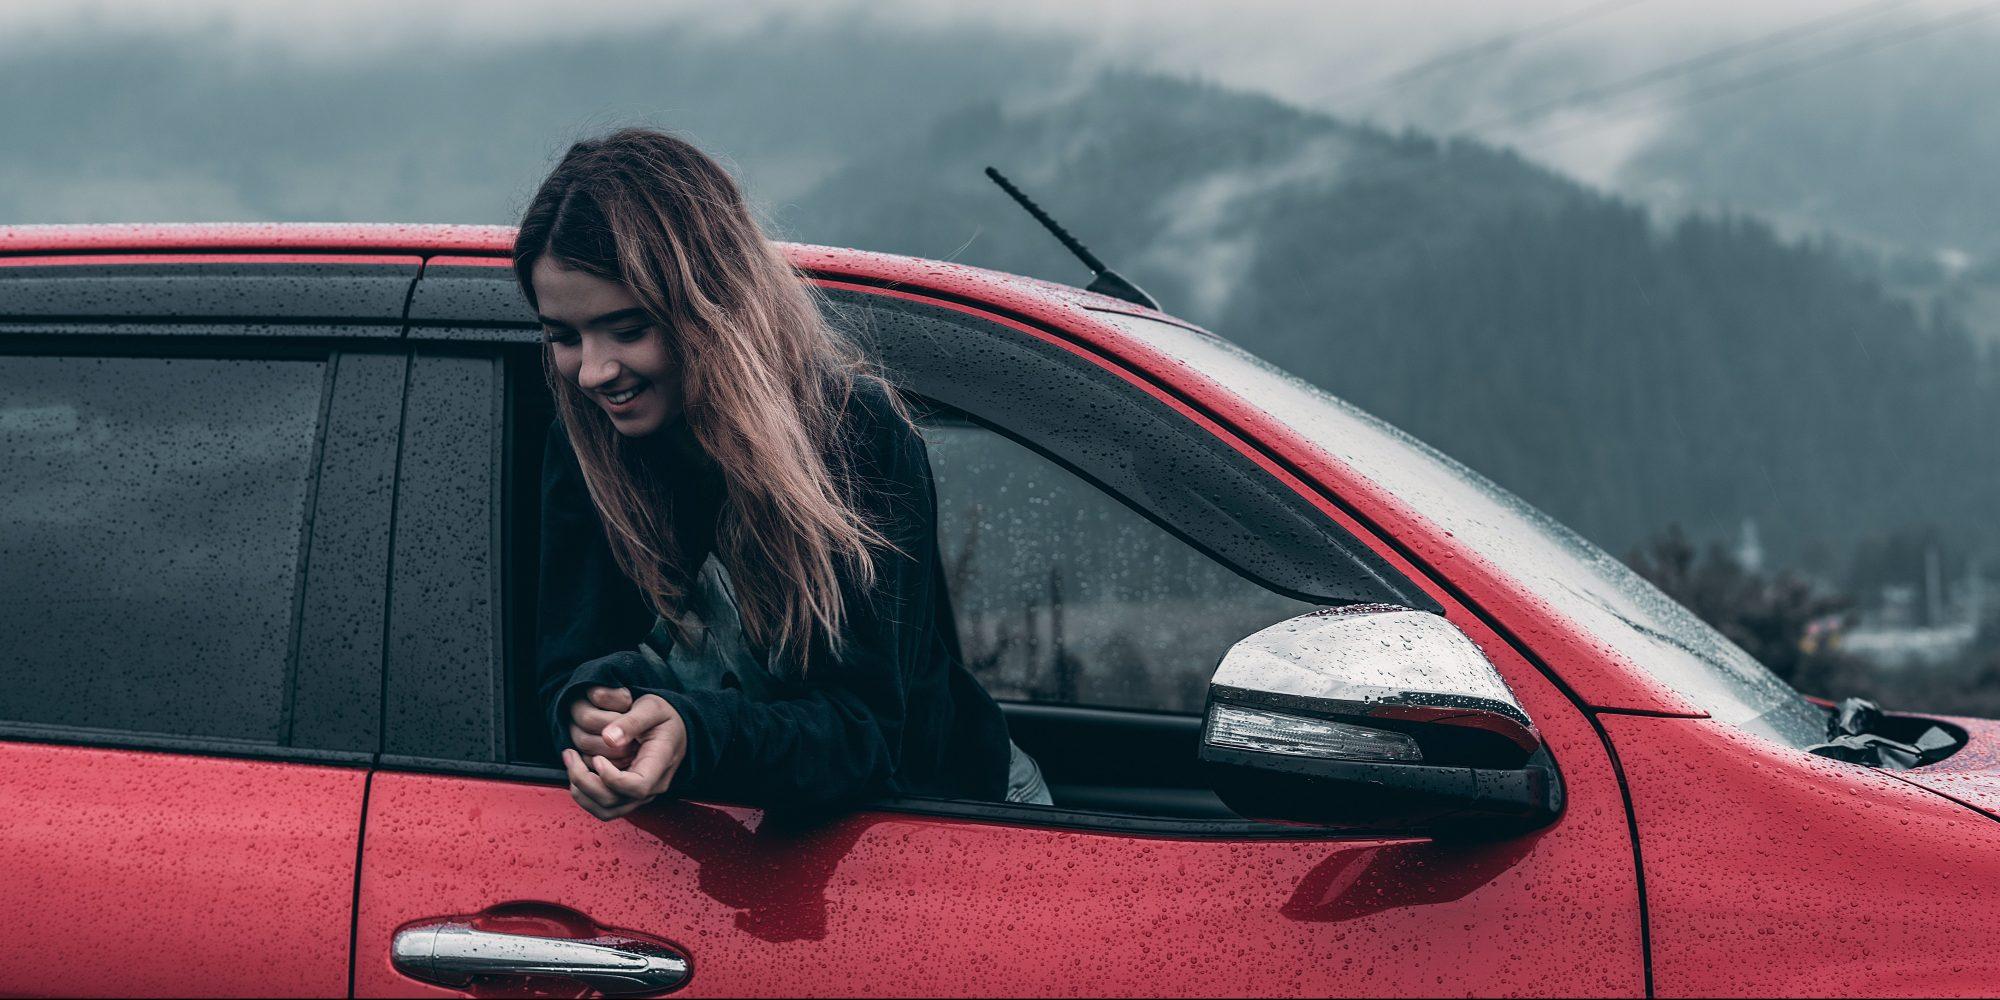 7 συμβουλές για ασφαλή οδήγηση σε αντίξοες καιρικές συνθήκες Το να οδηγείς με δυνατή βροχή είναι επικίνδυνο, ακόμη κι αν δεν το πιστεύεις!